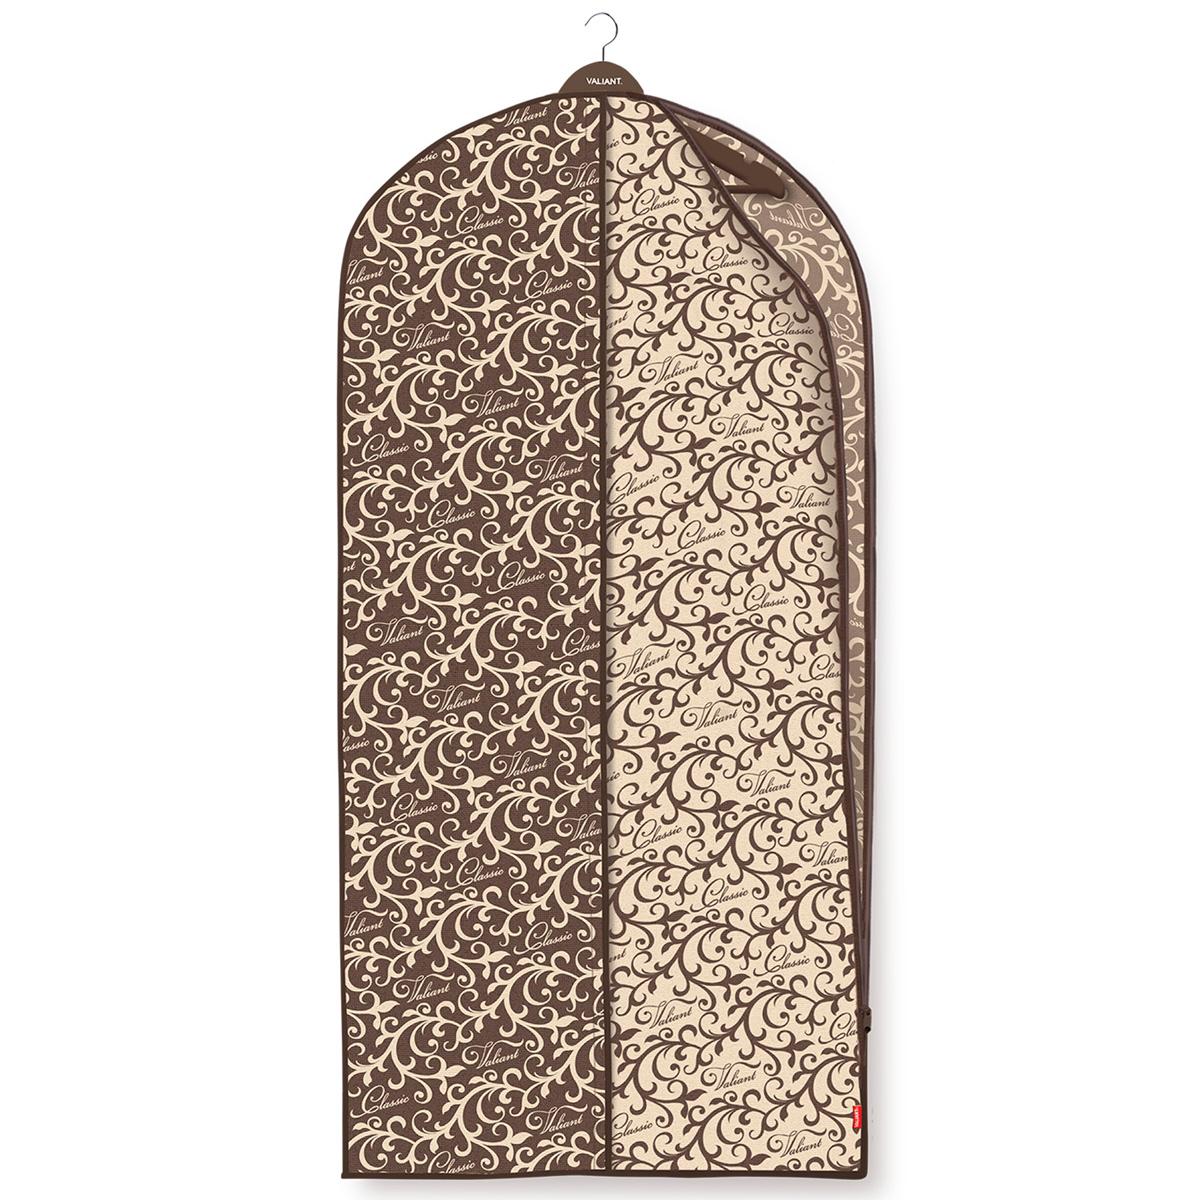 Чехол для одежды Valiant Classic, с боковой молнией, 60 см х 137 смCL-CZ-137Чехол для одежды Valiant Classic изготовлен из высококачественного нетканого материала (спанбонда), который обеспечивает естественную вентиляцию, позволяя воздуху проникать внутрь, но не пропускает пыль. Чехол очень удобен в использовании. Специальная прозрачная вставка позволяет видеть содержимое чехла, не открывая его. Застежка-молния расположена в боковом шве, что обеспечивает легкий доступ к содержимому. Чехол идеально подойдет для транспортировки и хранения одежды. Изысканный дизайн Classic Collection придется по вкусу ценителям классического стиля, он гармонично вписывается в современный классический гардероб. Системы хранения в едином дизайне сделают вашу гардеробную красивой и невероятно стильной.